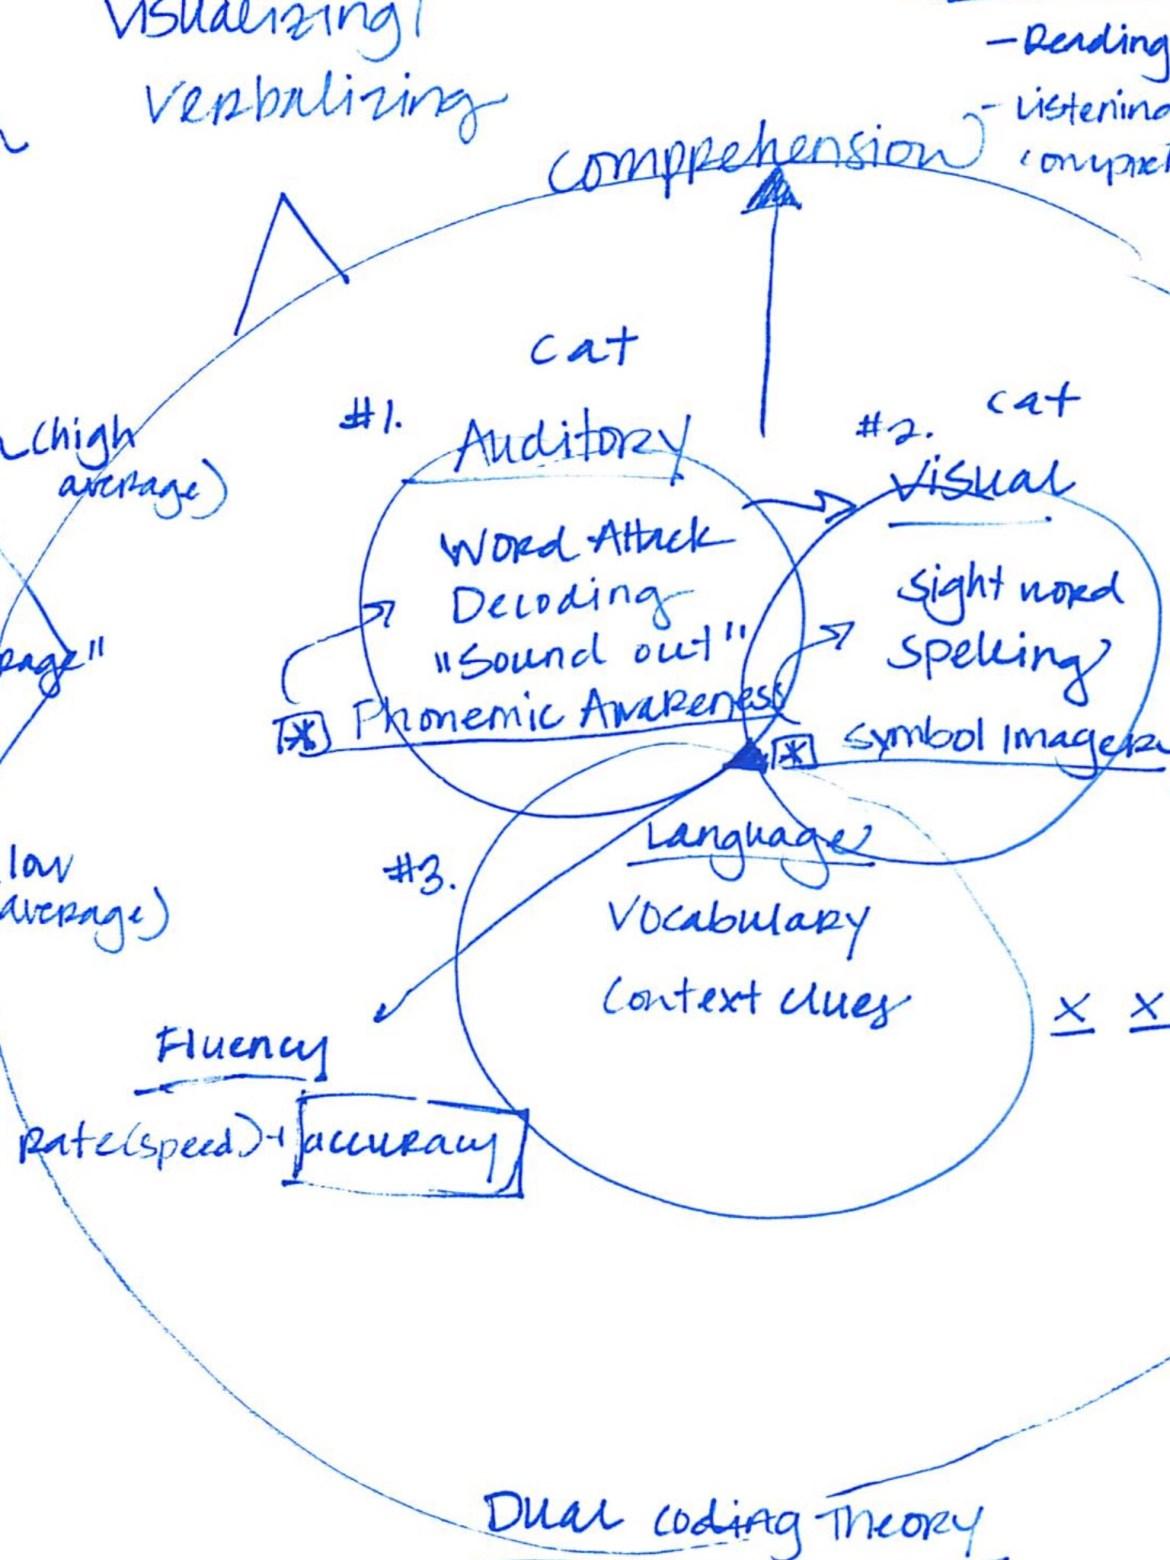 Comprehension illustration